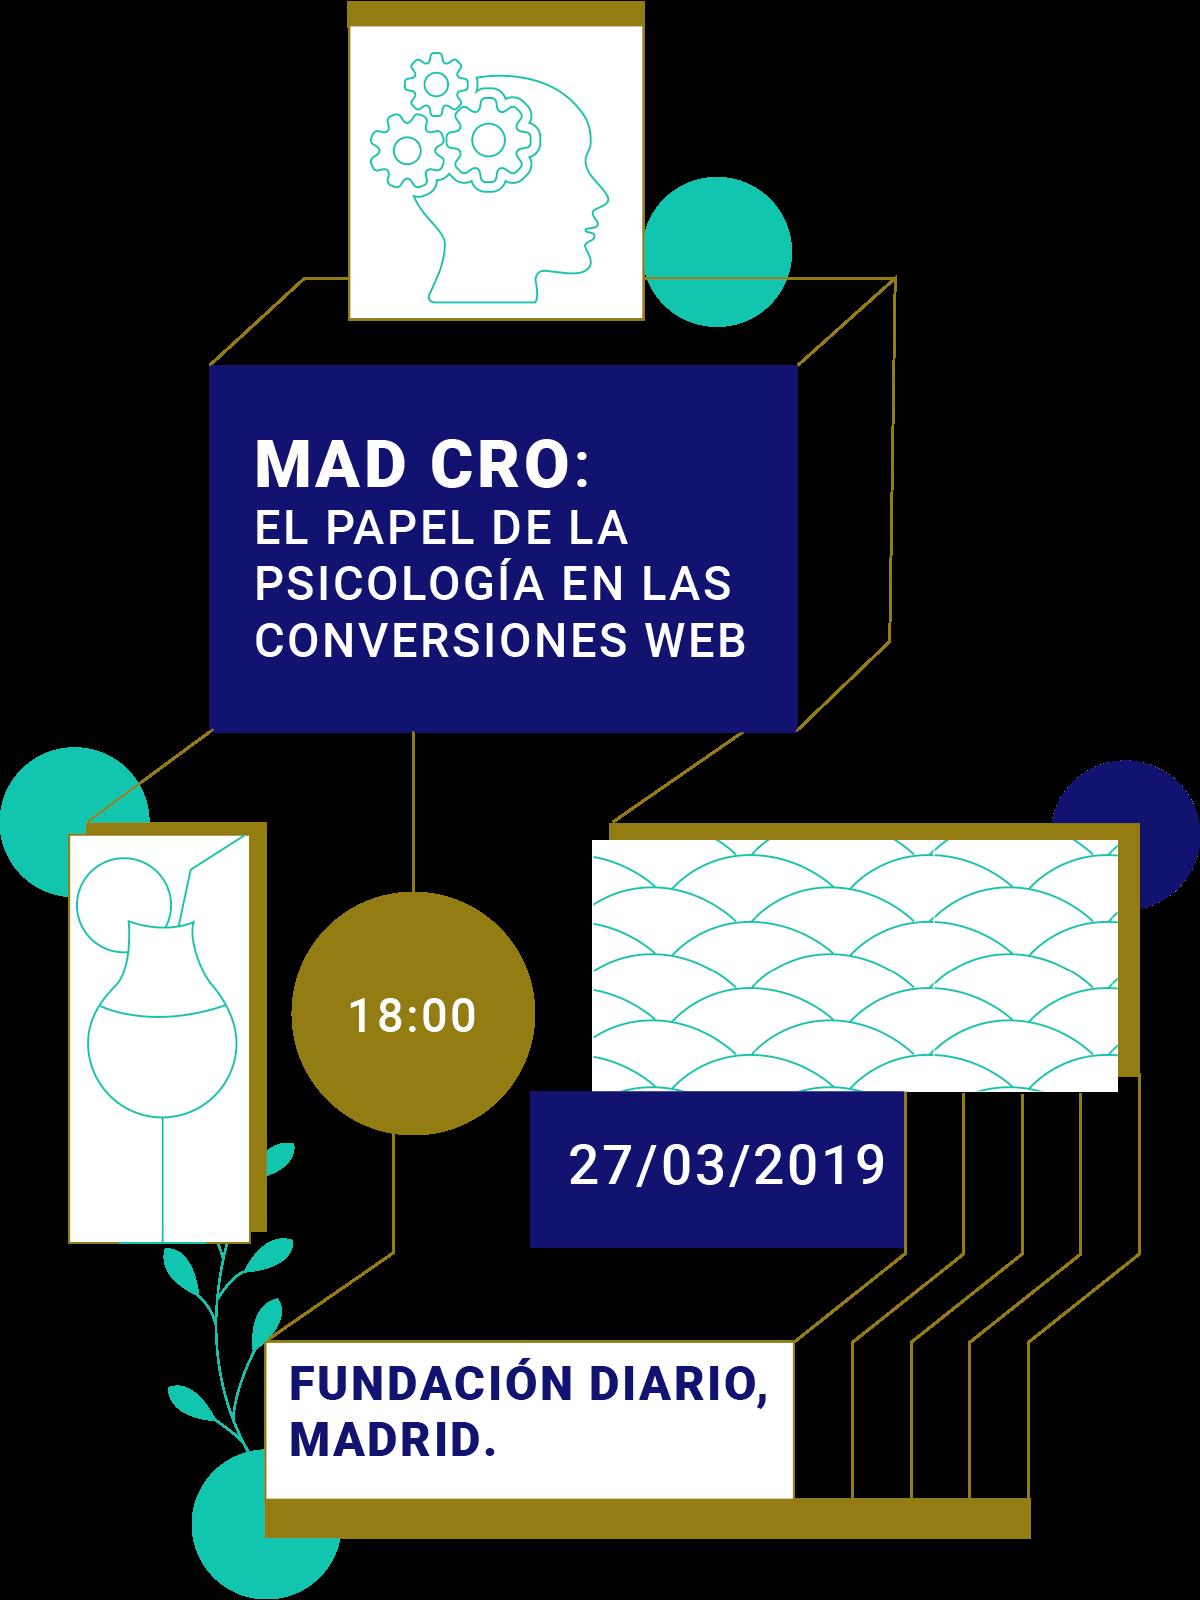 evento-conversion-mad-cro